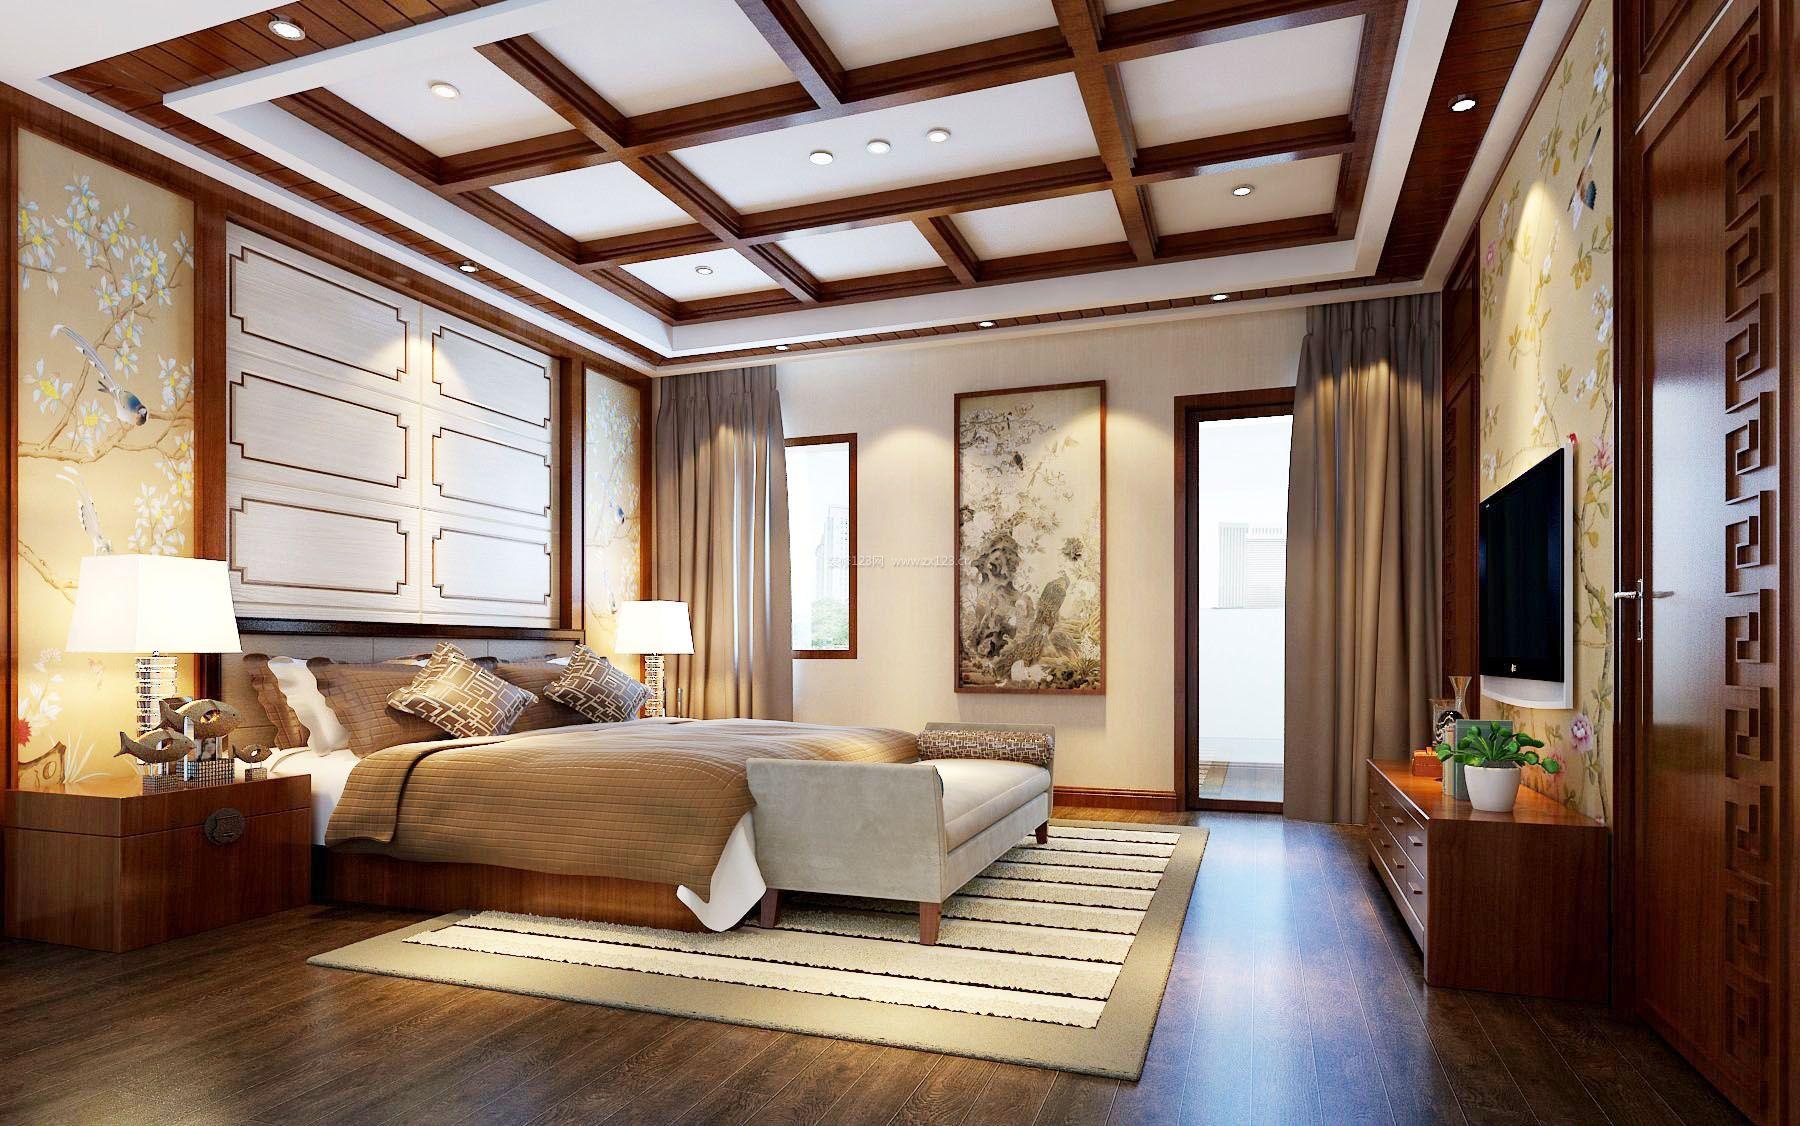 2017新中式主卧室床头背景墙效果图片图片